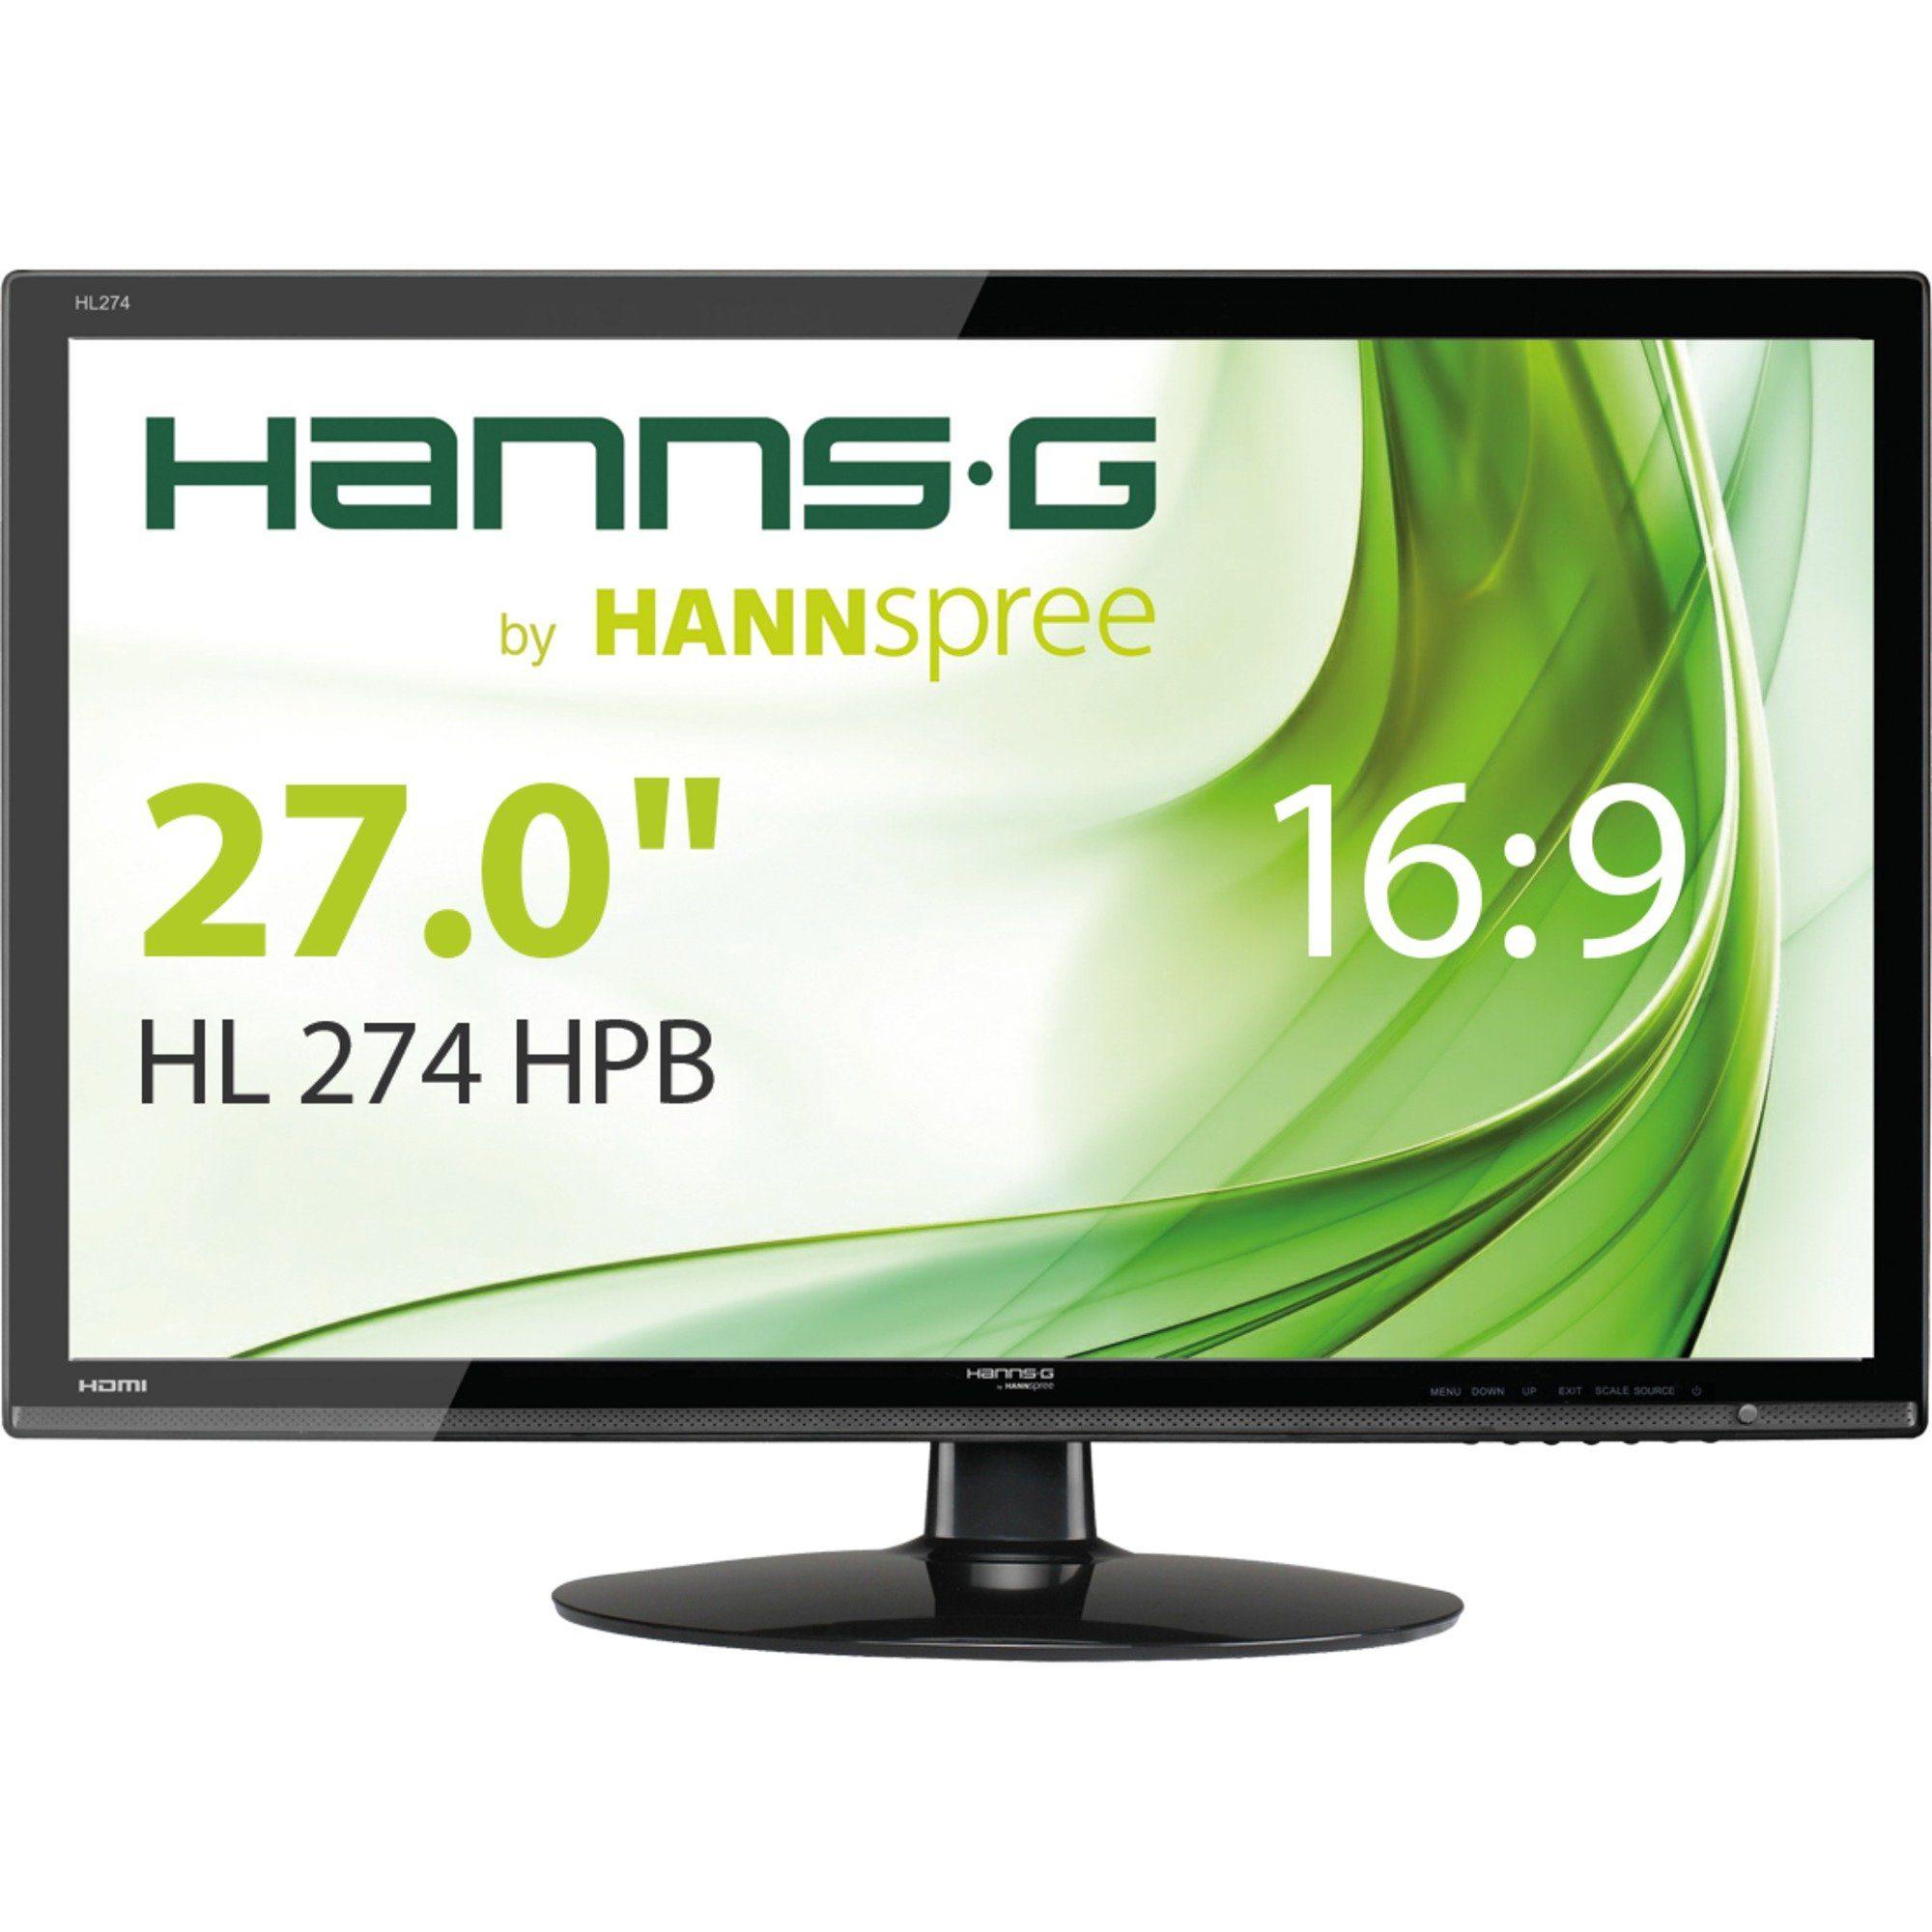 HannsG LED-Monitor »HL274HPB«